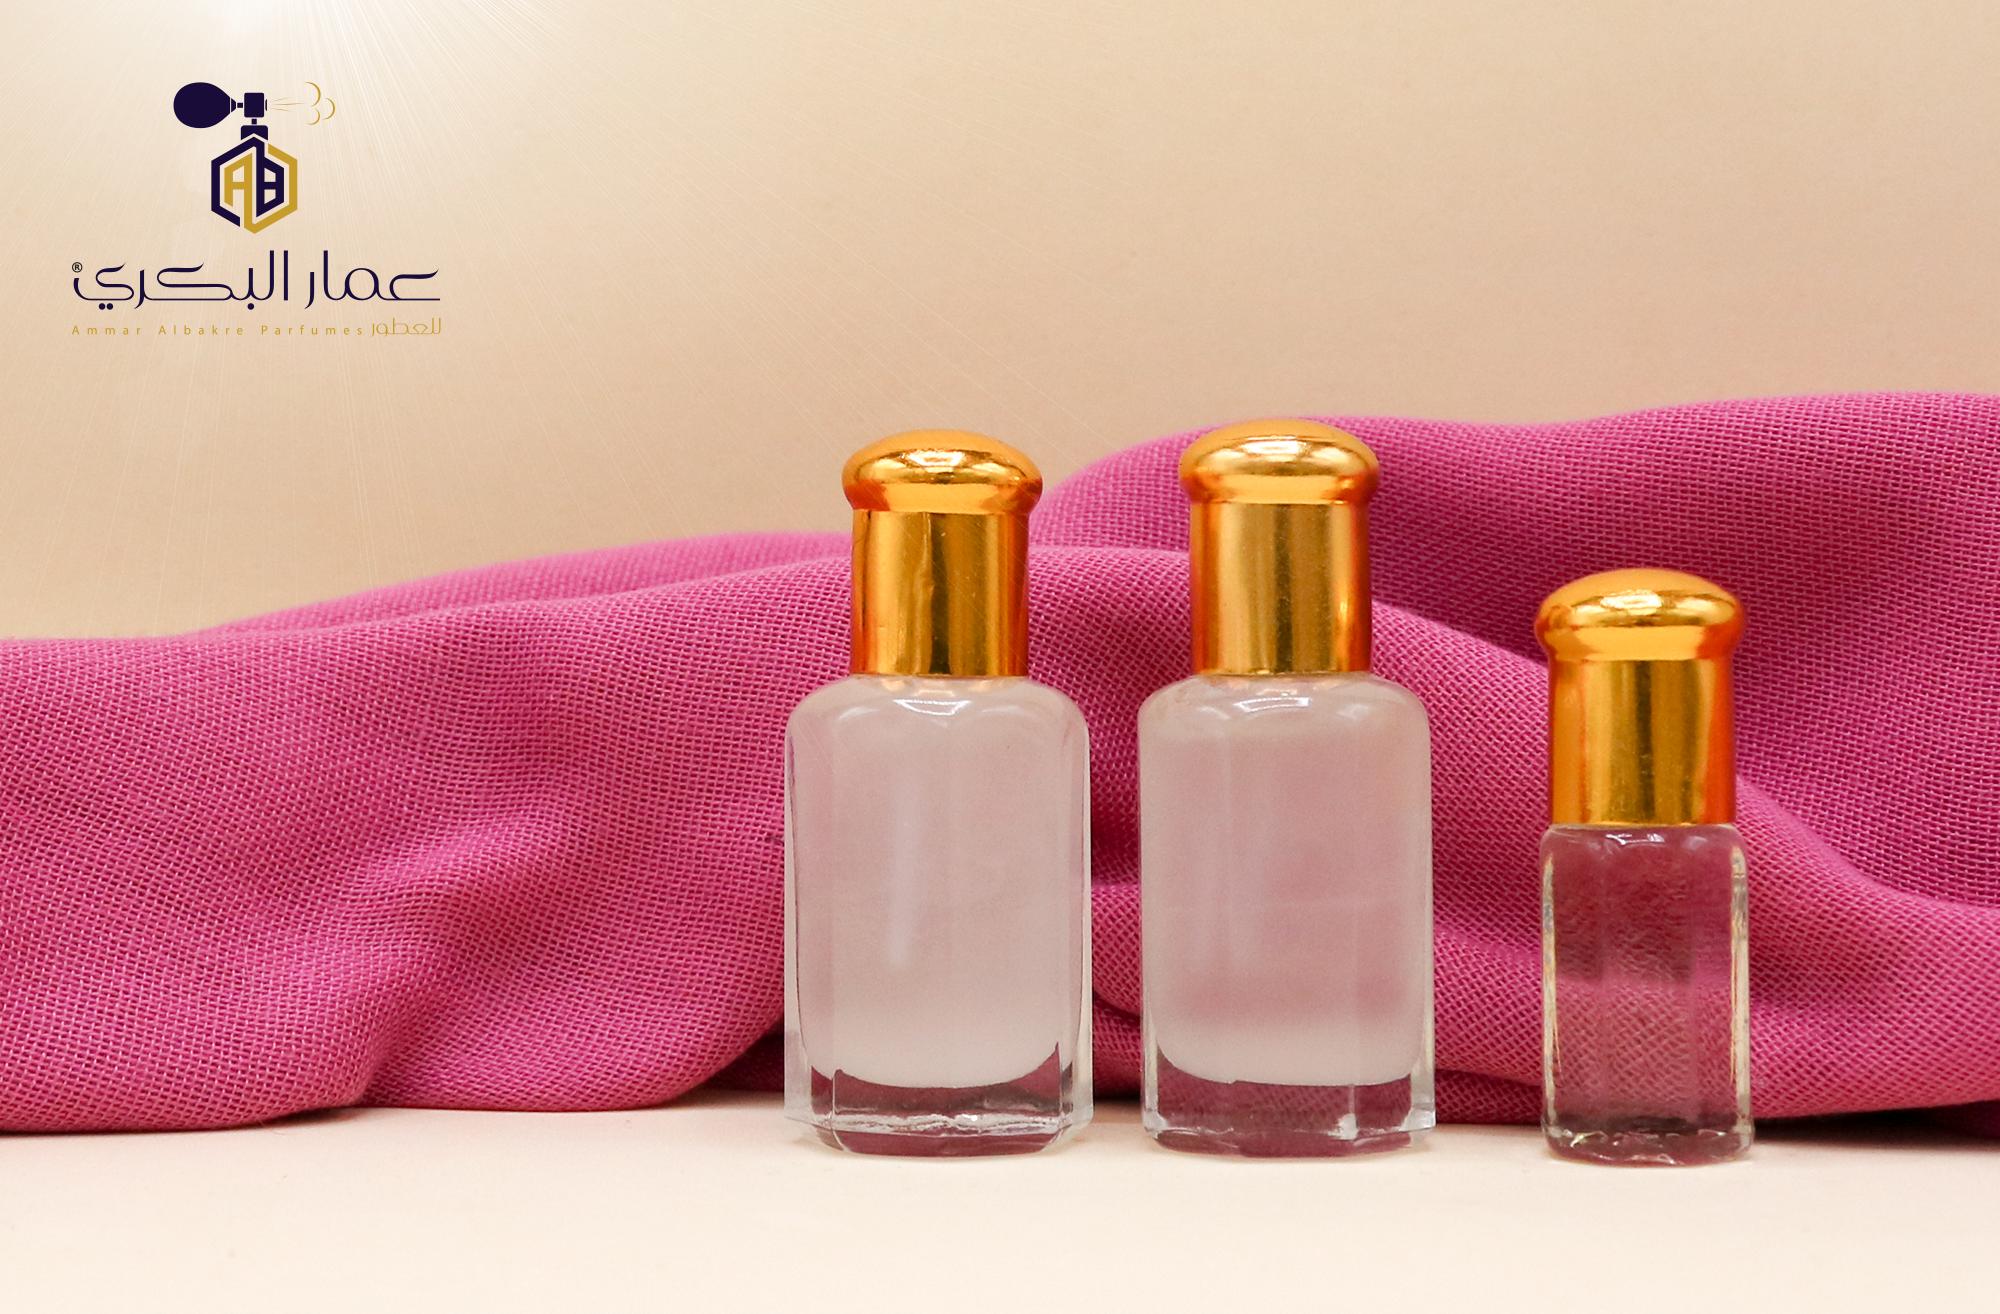 لمسك الطهاره فوائد كثيرة وخاصة للنساء فهو يعمل على تطهير المناطق الحساسة ويطهر المنطقة بعد الدورة الشهرية والنفاس ويدخل استخدام Perfume Bottles Perfume Bottle